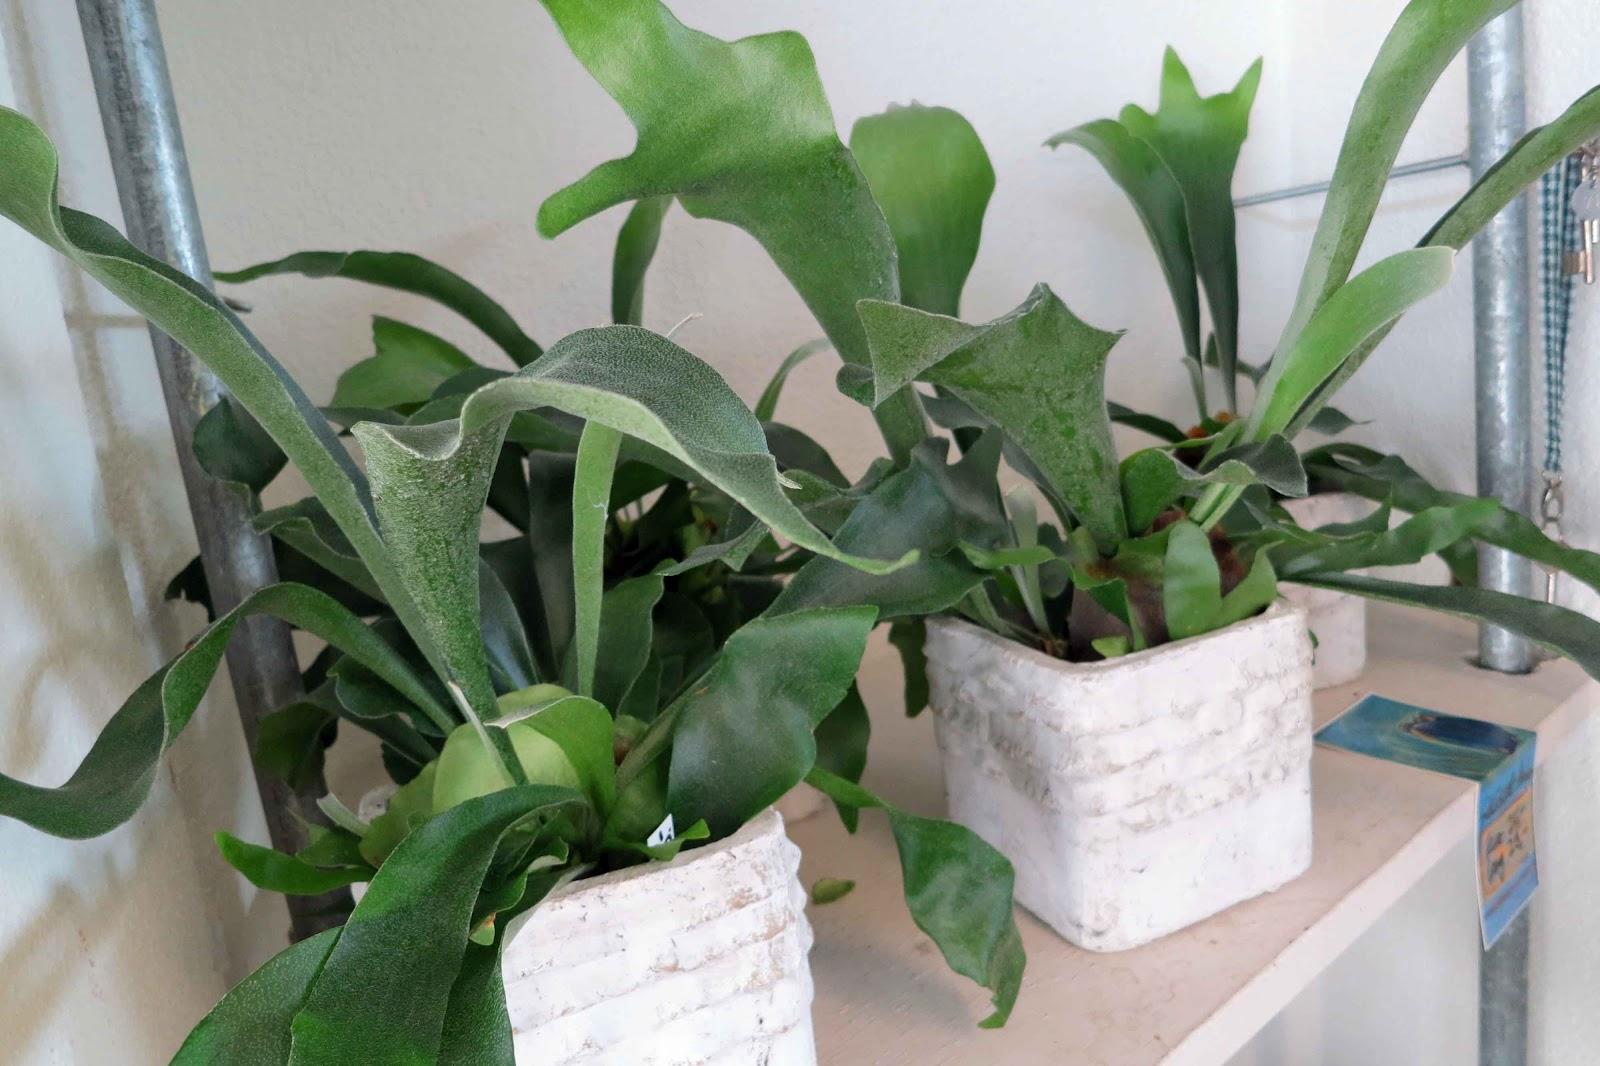 quadriga flora blumen geplauder hirschgeweih oder platycerium grande pflanze f r einen ort. Black Bedroom Furniture Sets. Home Design Ideas